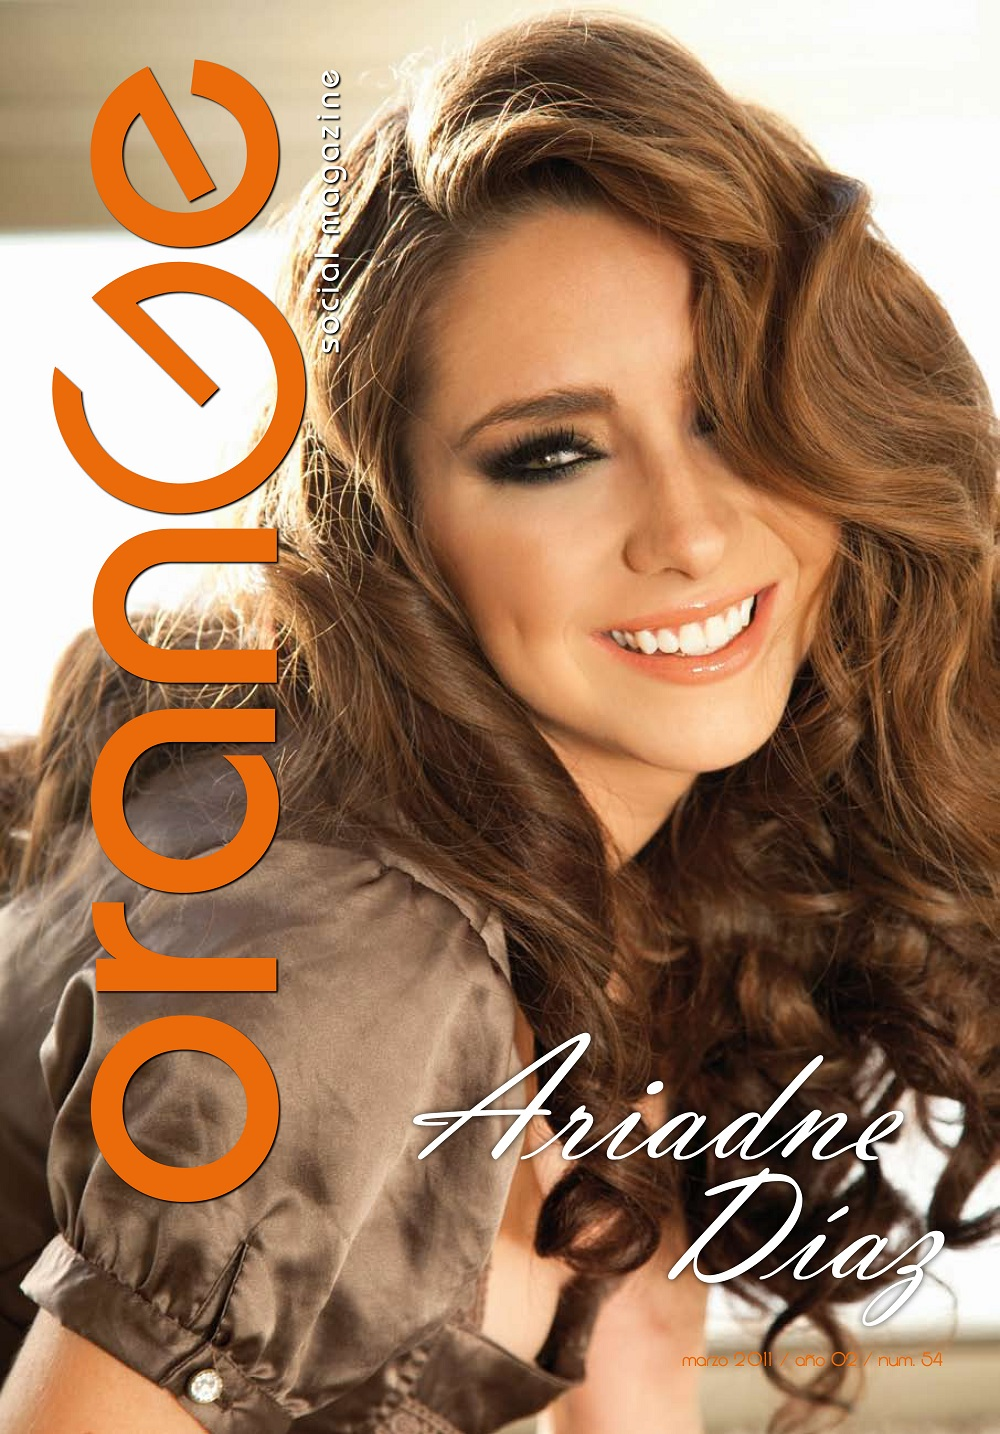 Ariadne Diaz Revista H Ariadne daz en la revista